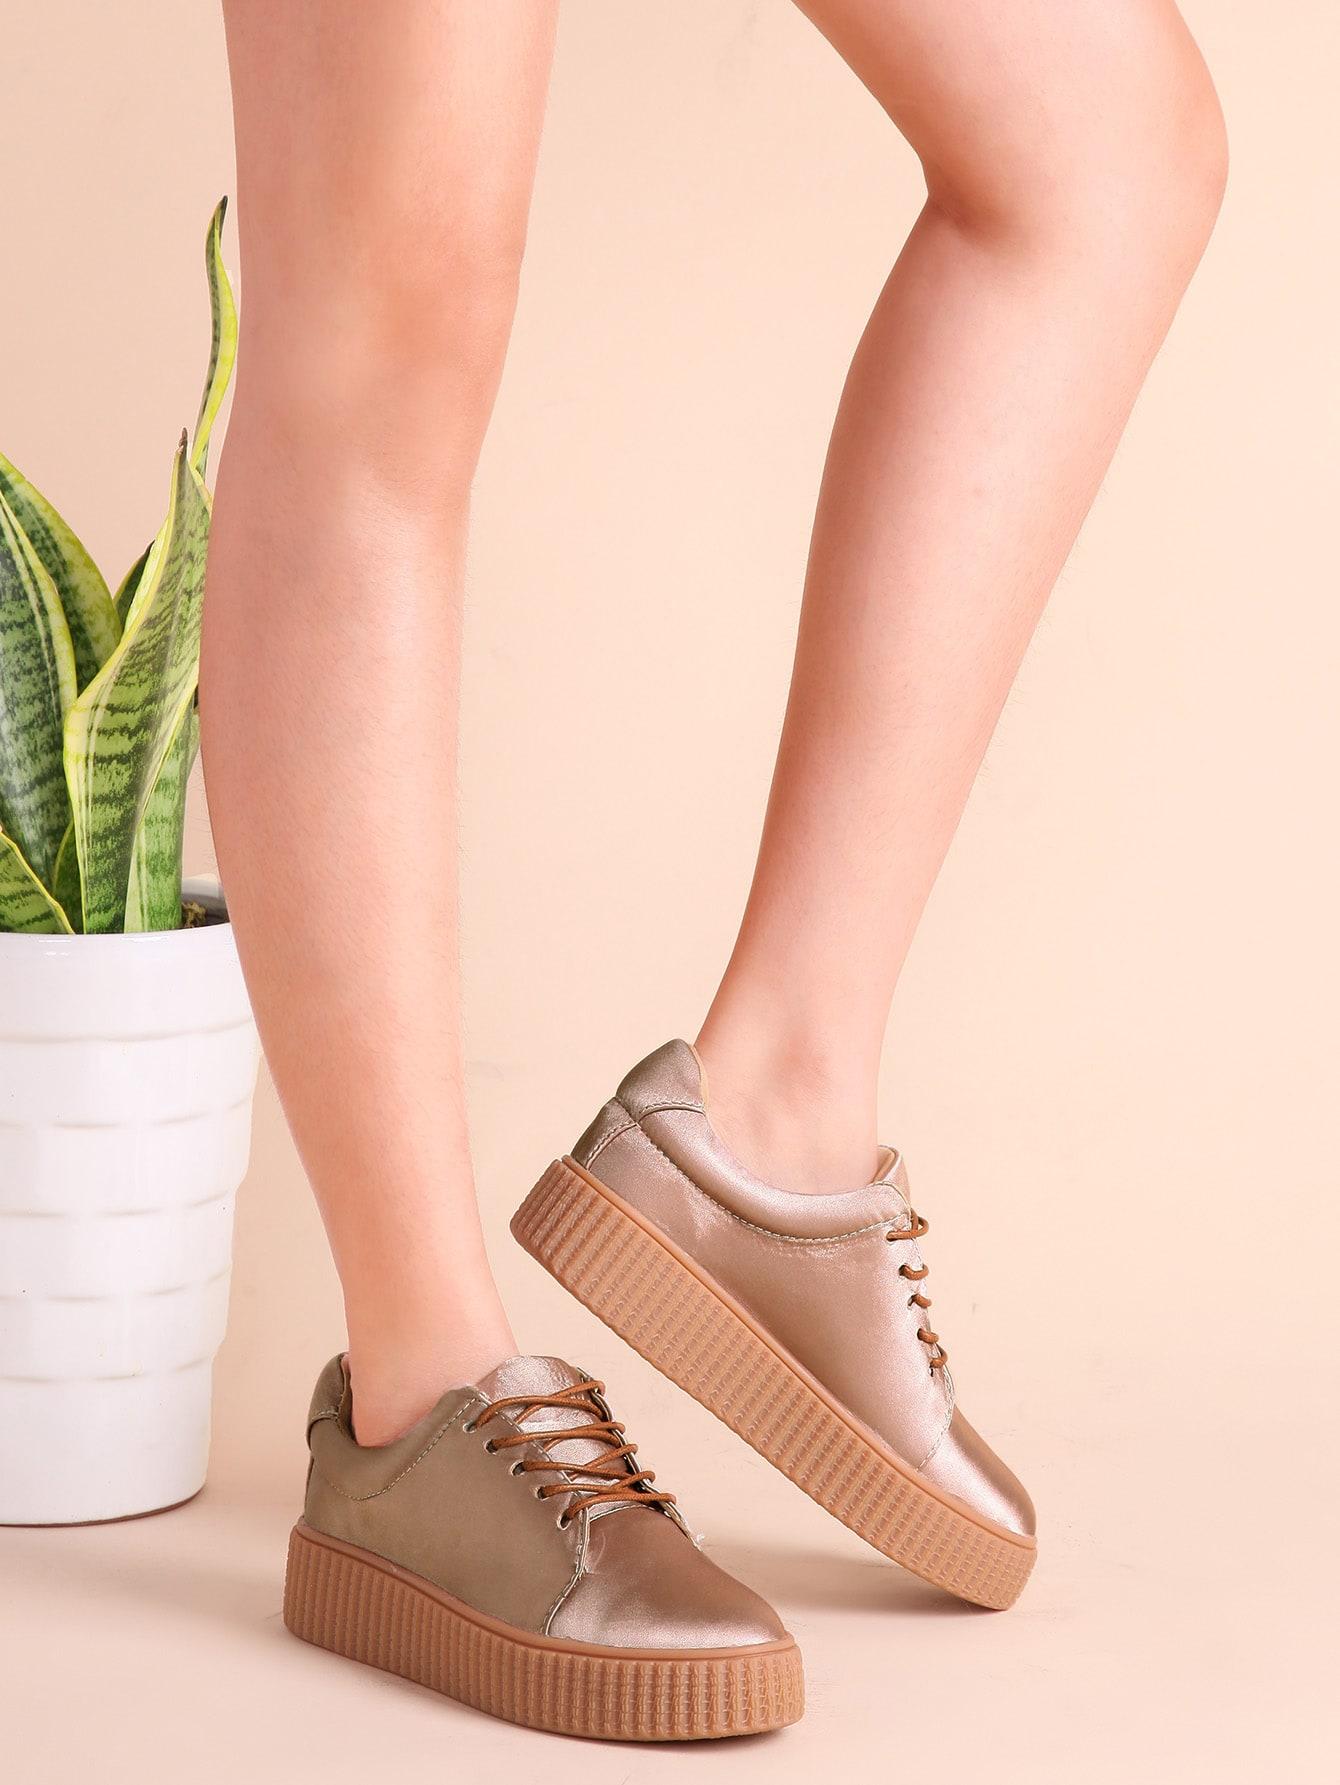 shoes161214802_2